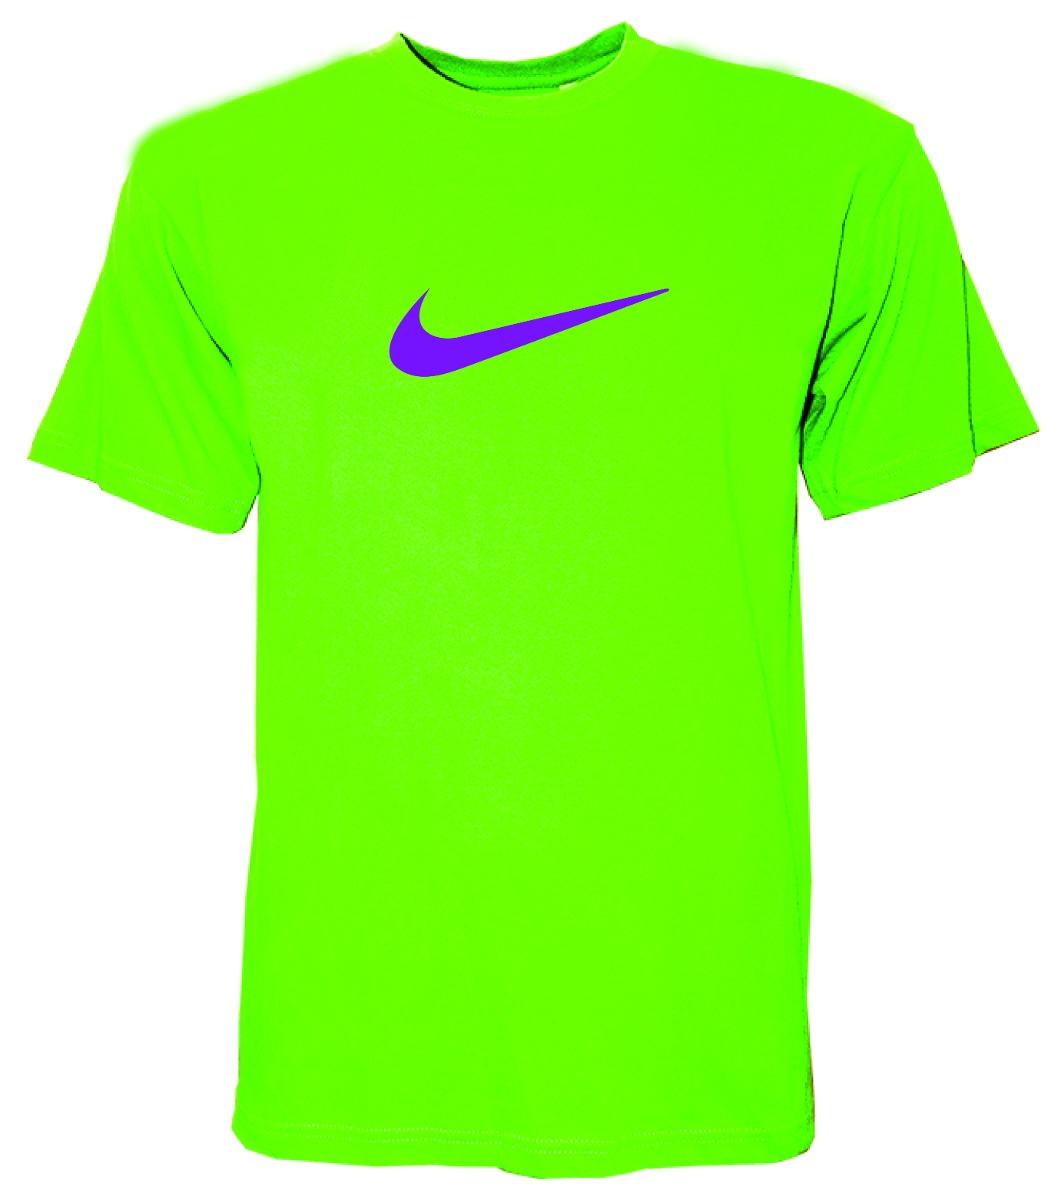 801dd6cdc6539 Camisetas Nike Dryfit Para Caballero A Excelente Precio ...